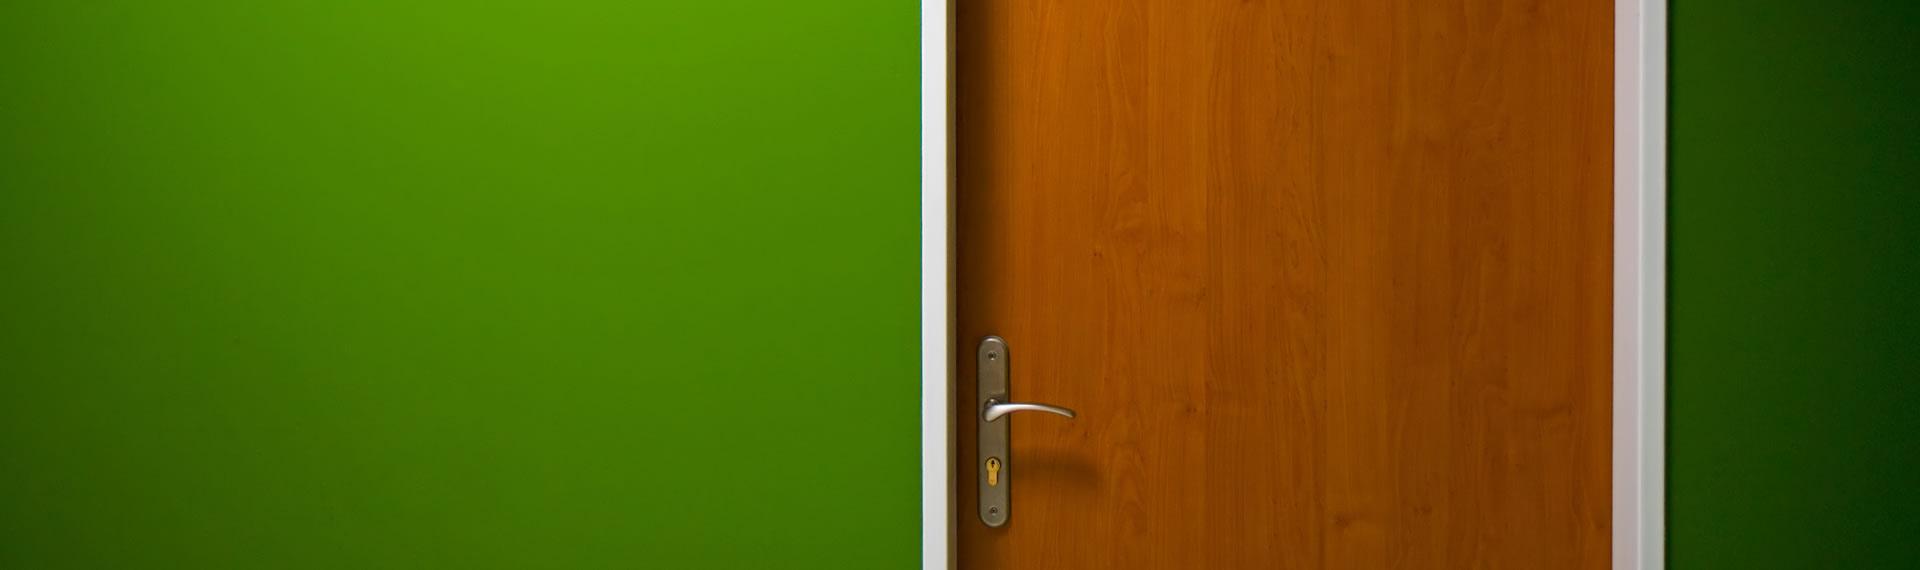 Puertas de seguridad fabricadas en lamina y enchapadas en madera